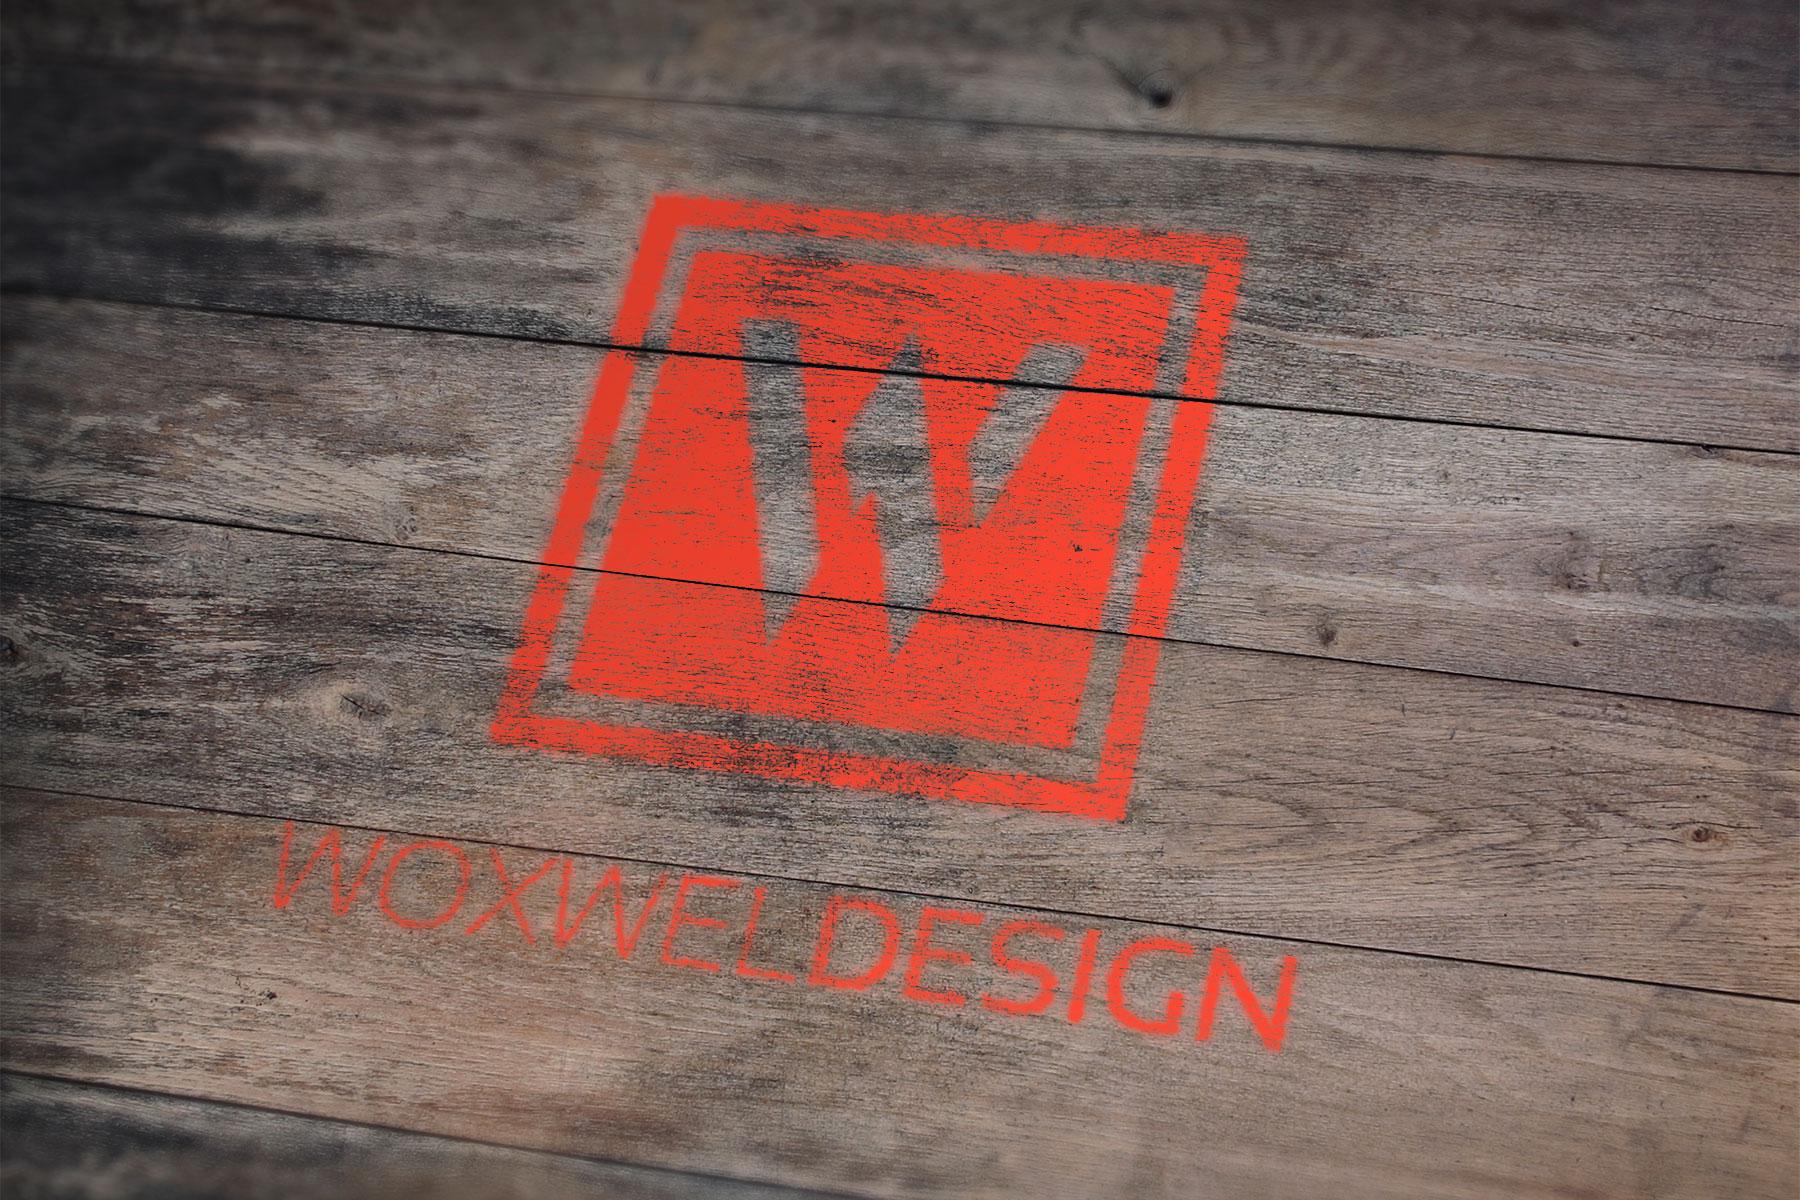 Логотип Woxwel Design - трафарет